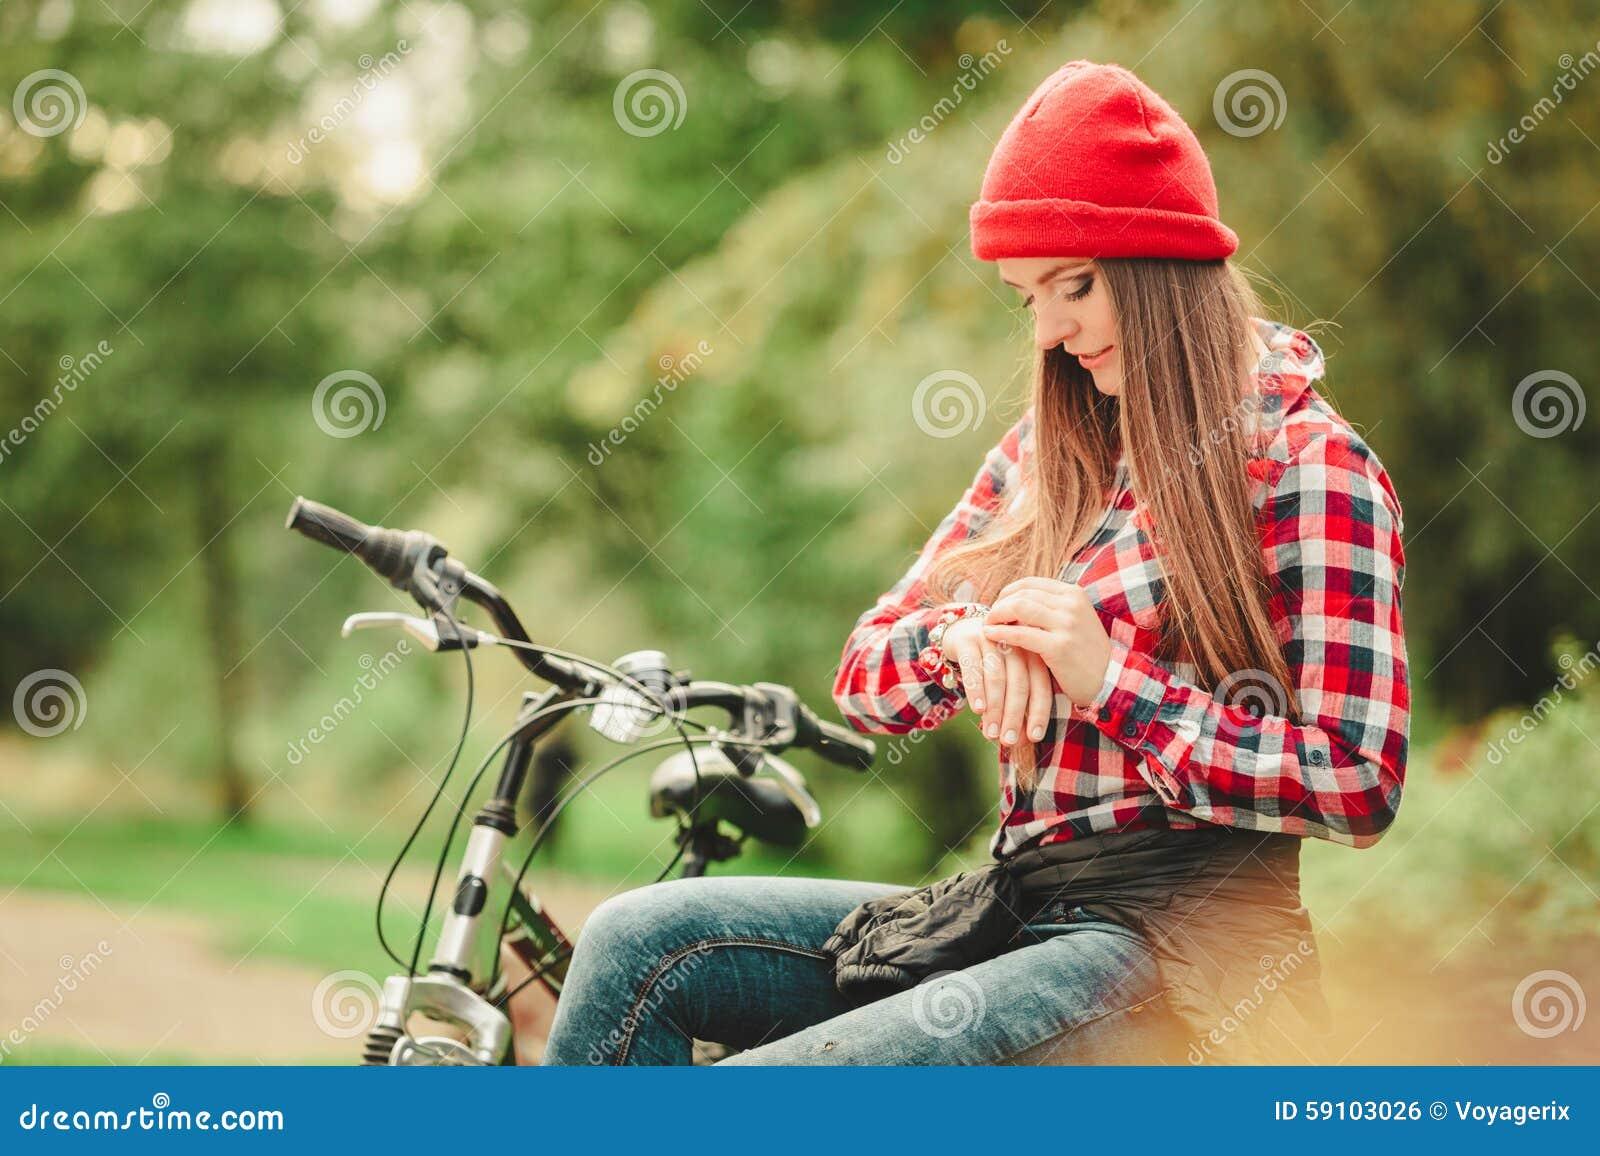 放松在有自行车的秋季公园的女孩